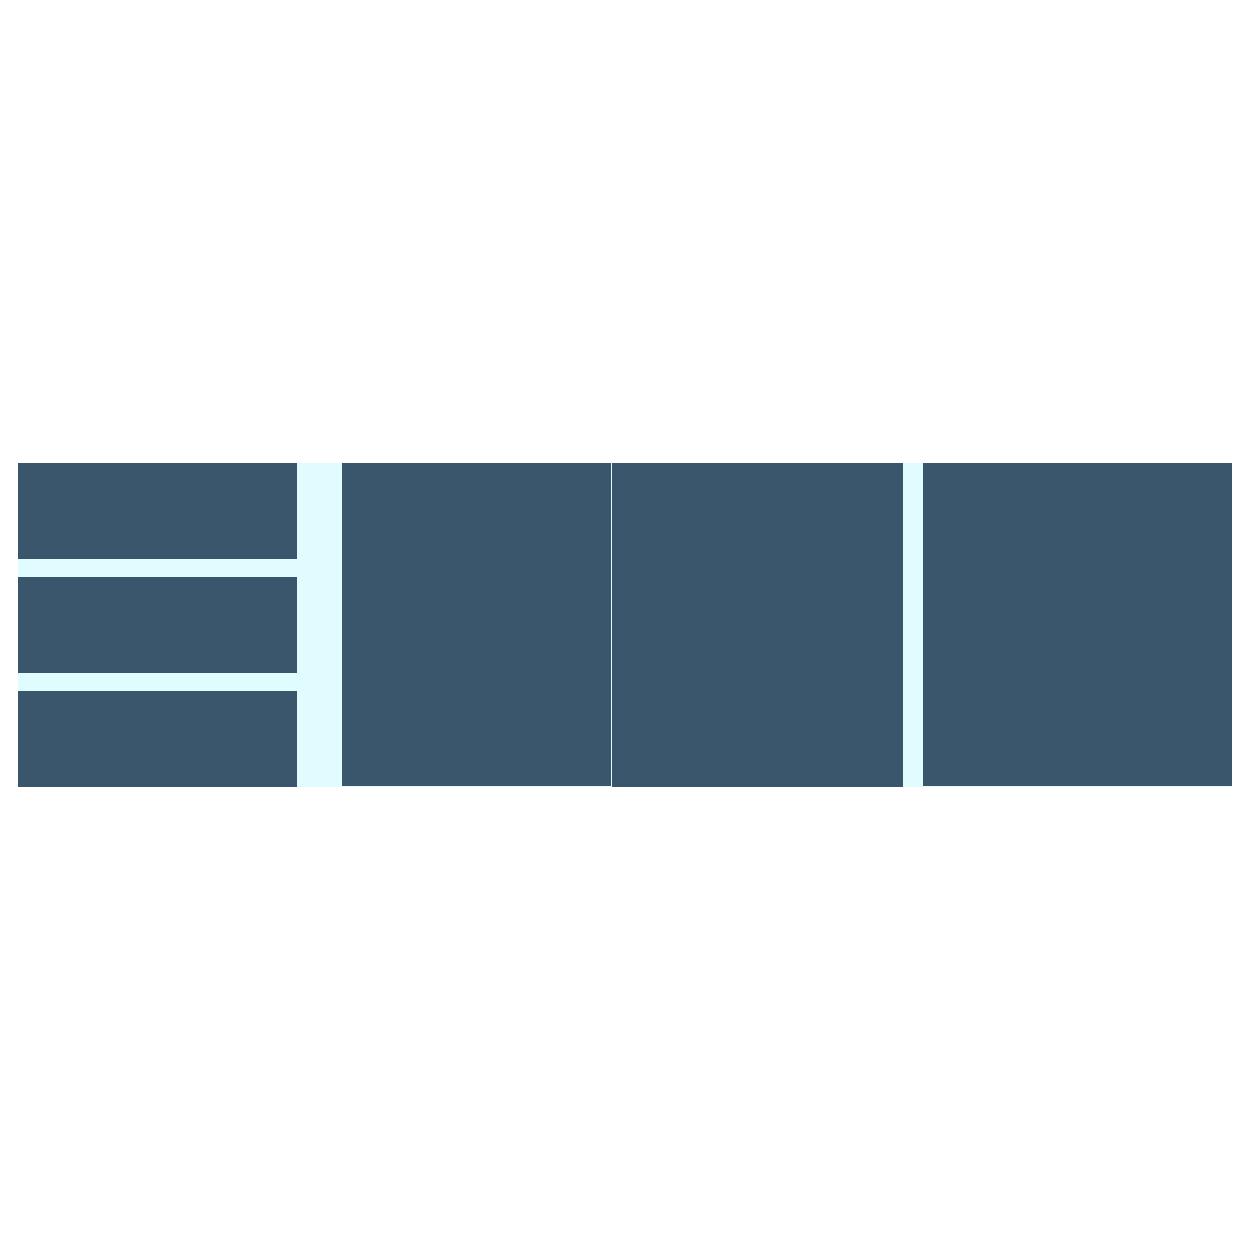 R&M-01